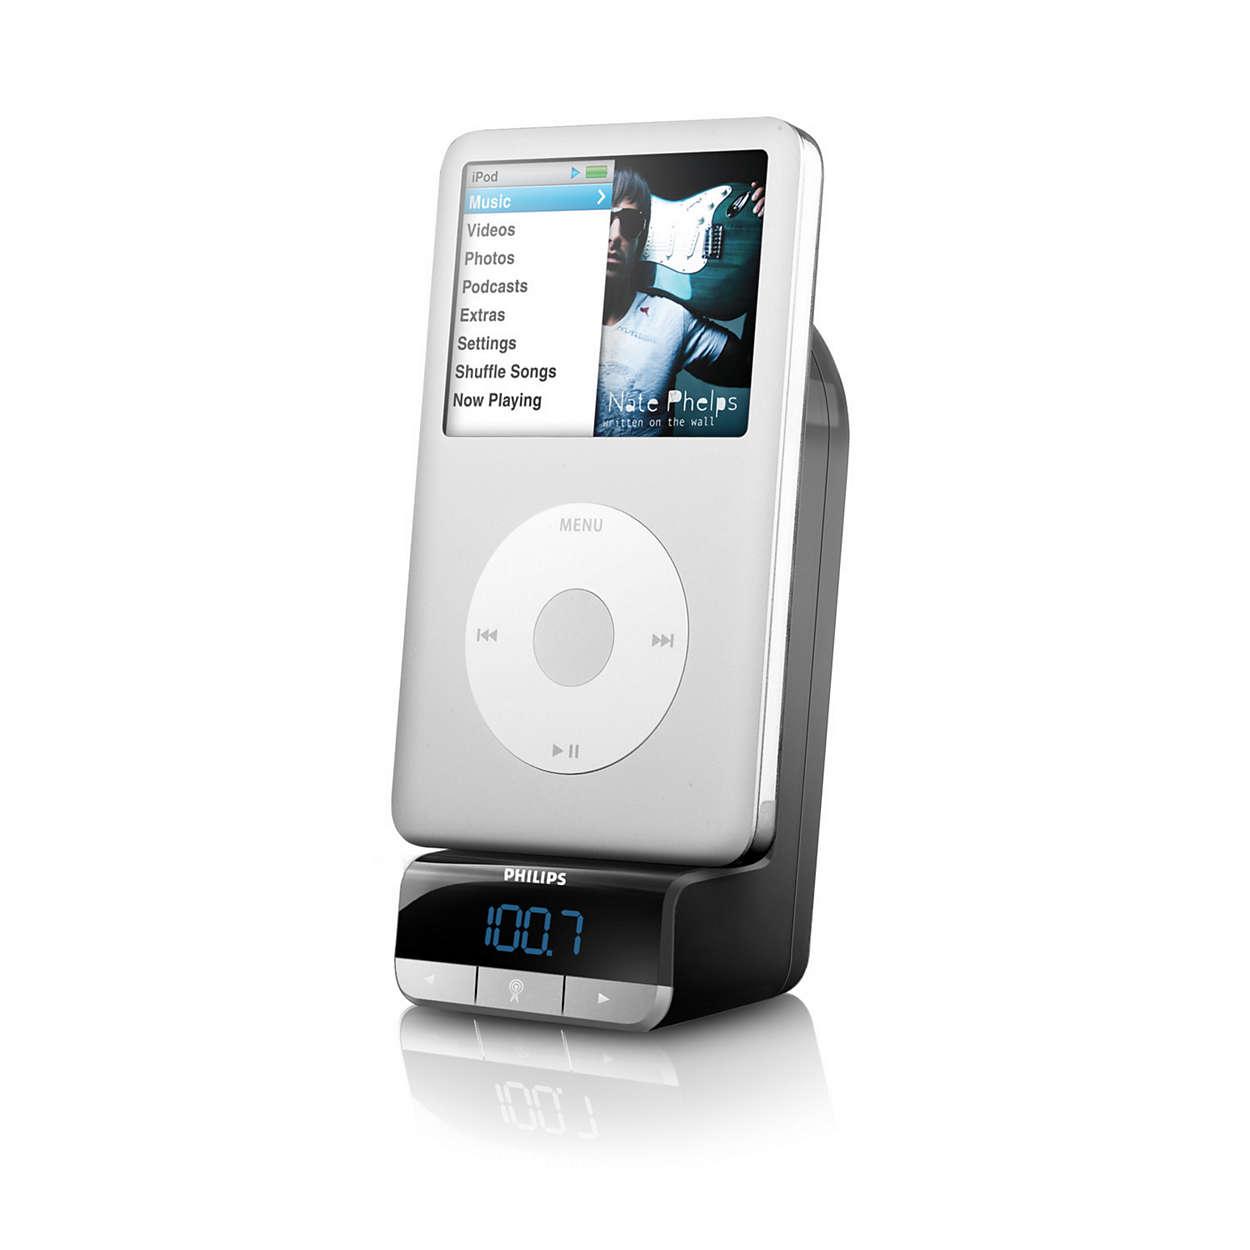 iPod im Auto abspielen, laden und anbringen